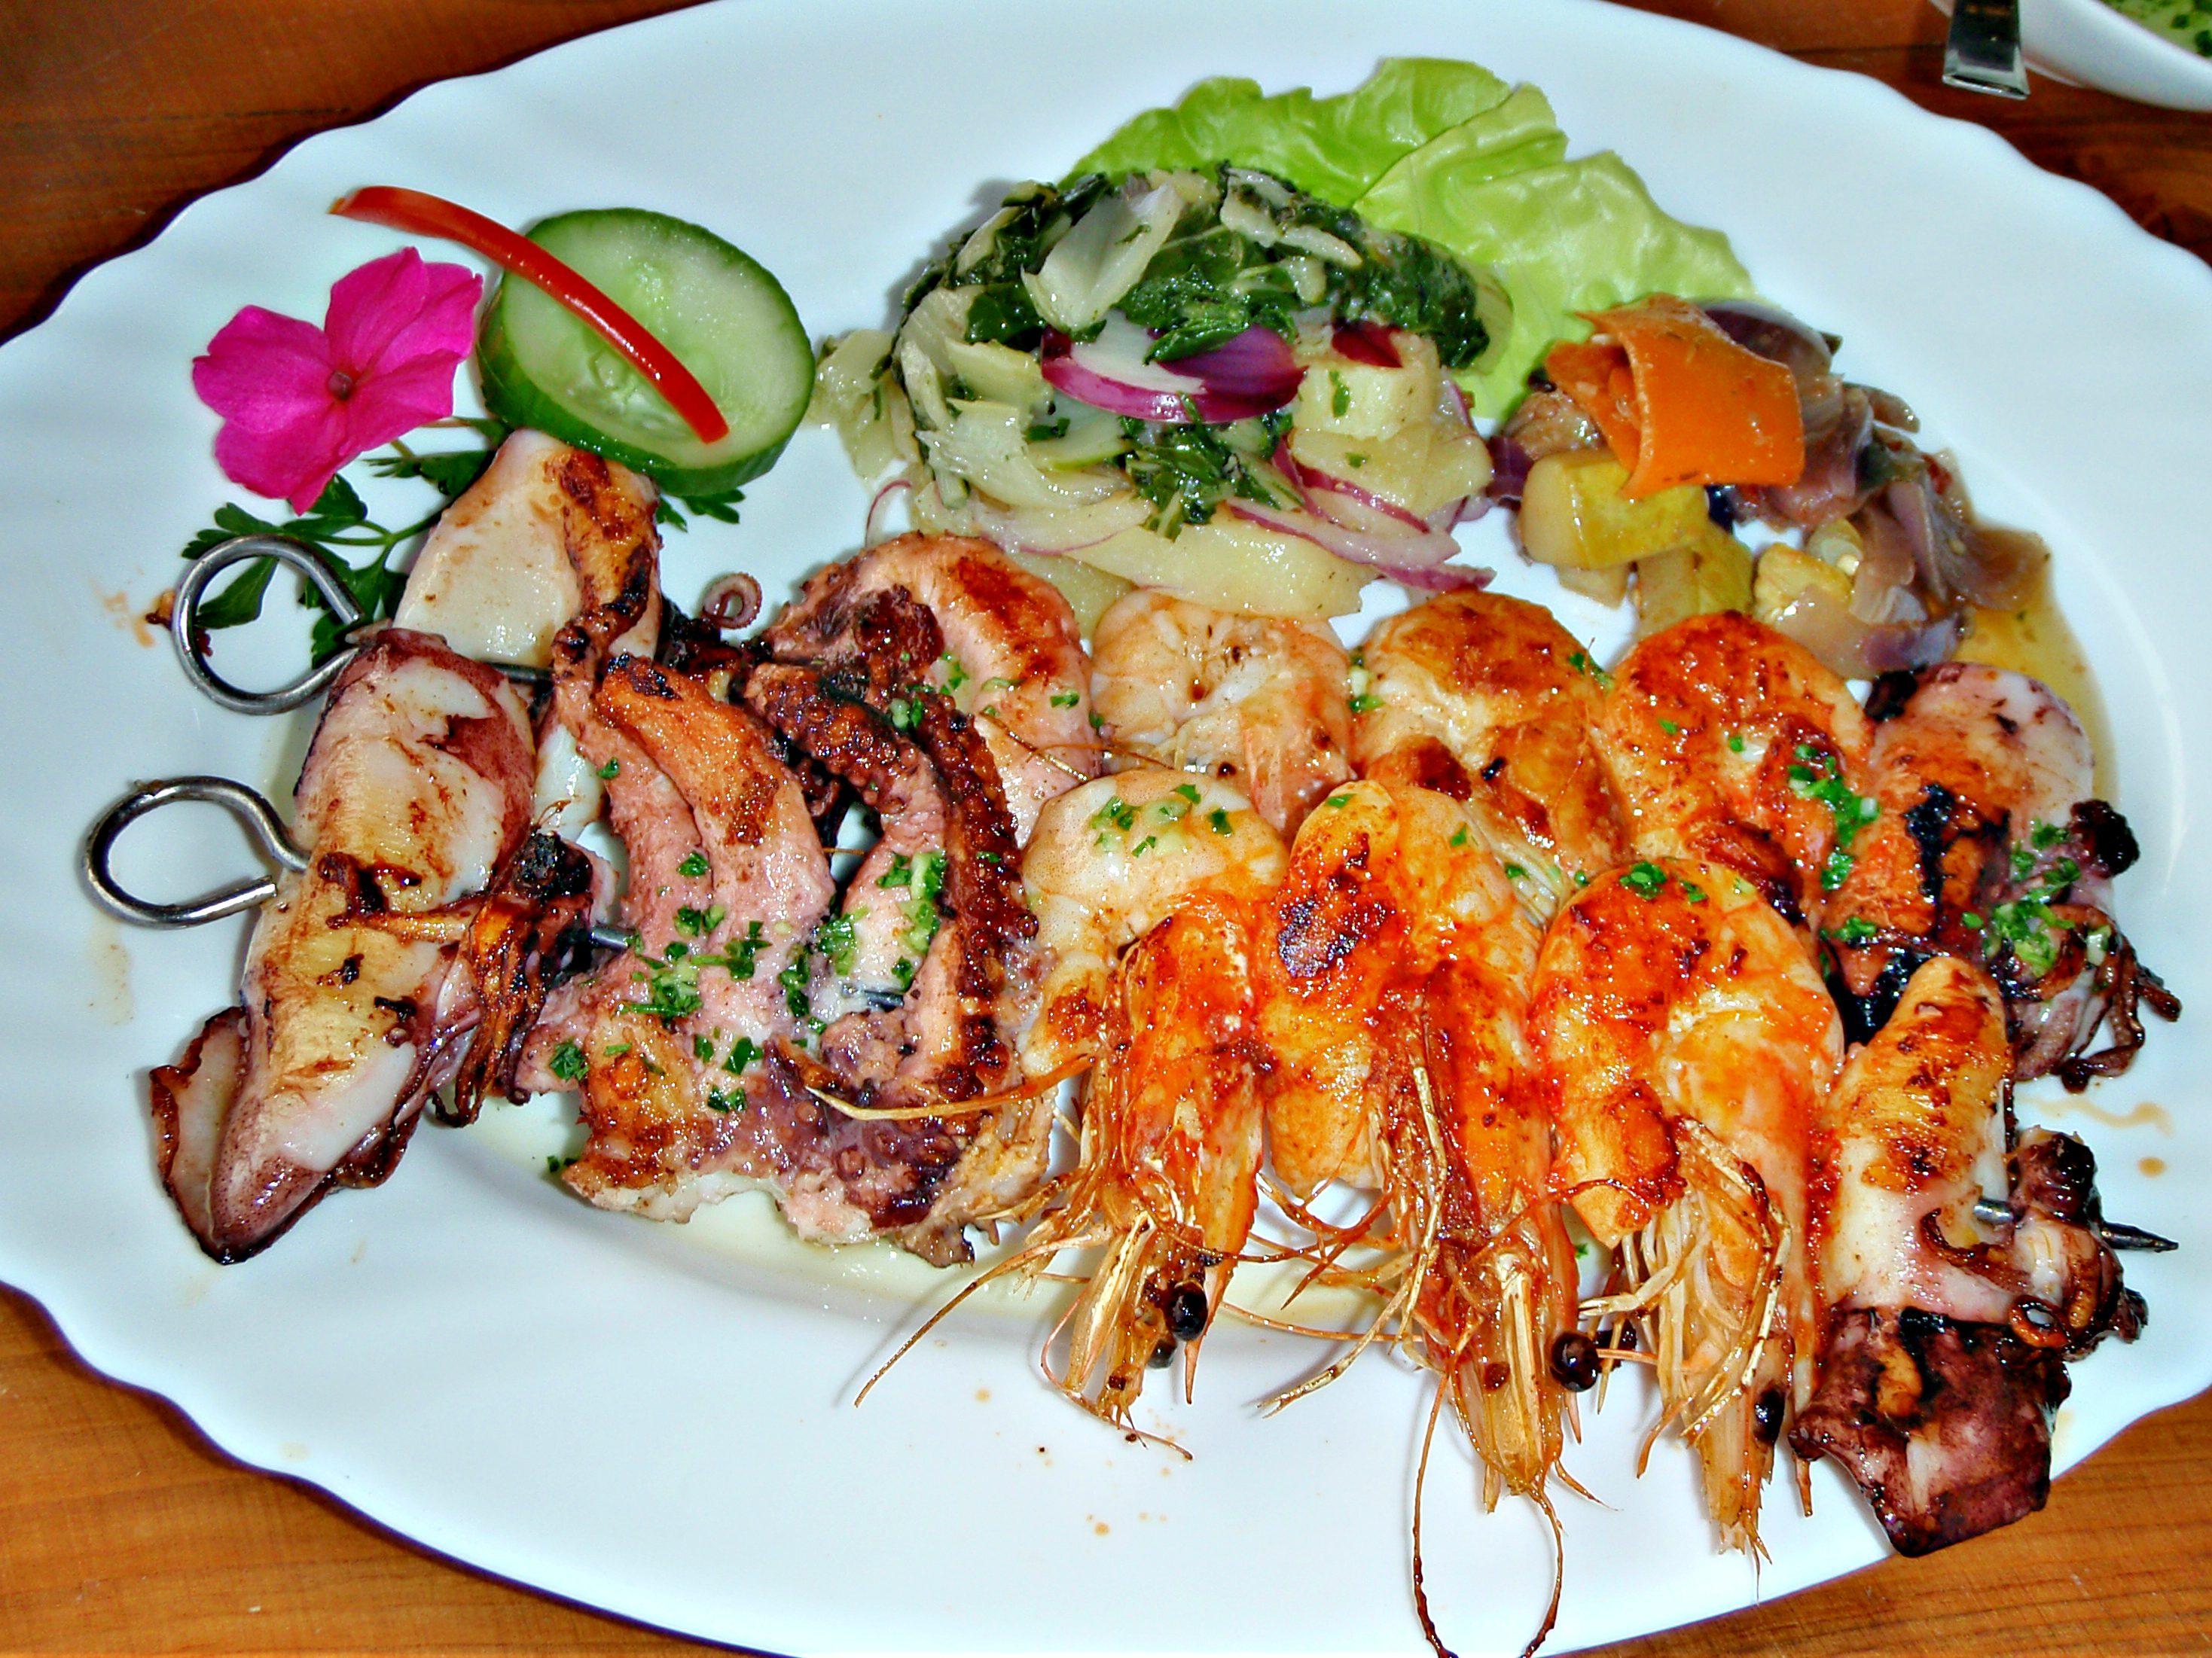 ANERKJENT: Restoran Misko serverer nydelig skalldyr.Foto: Jeljene Sisivics.